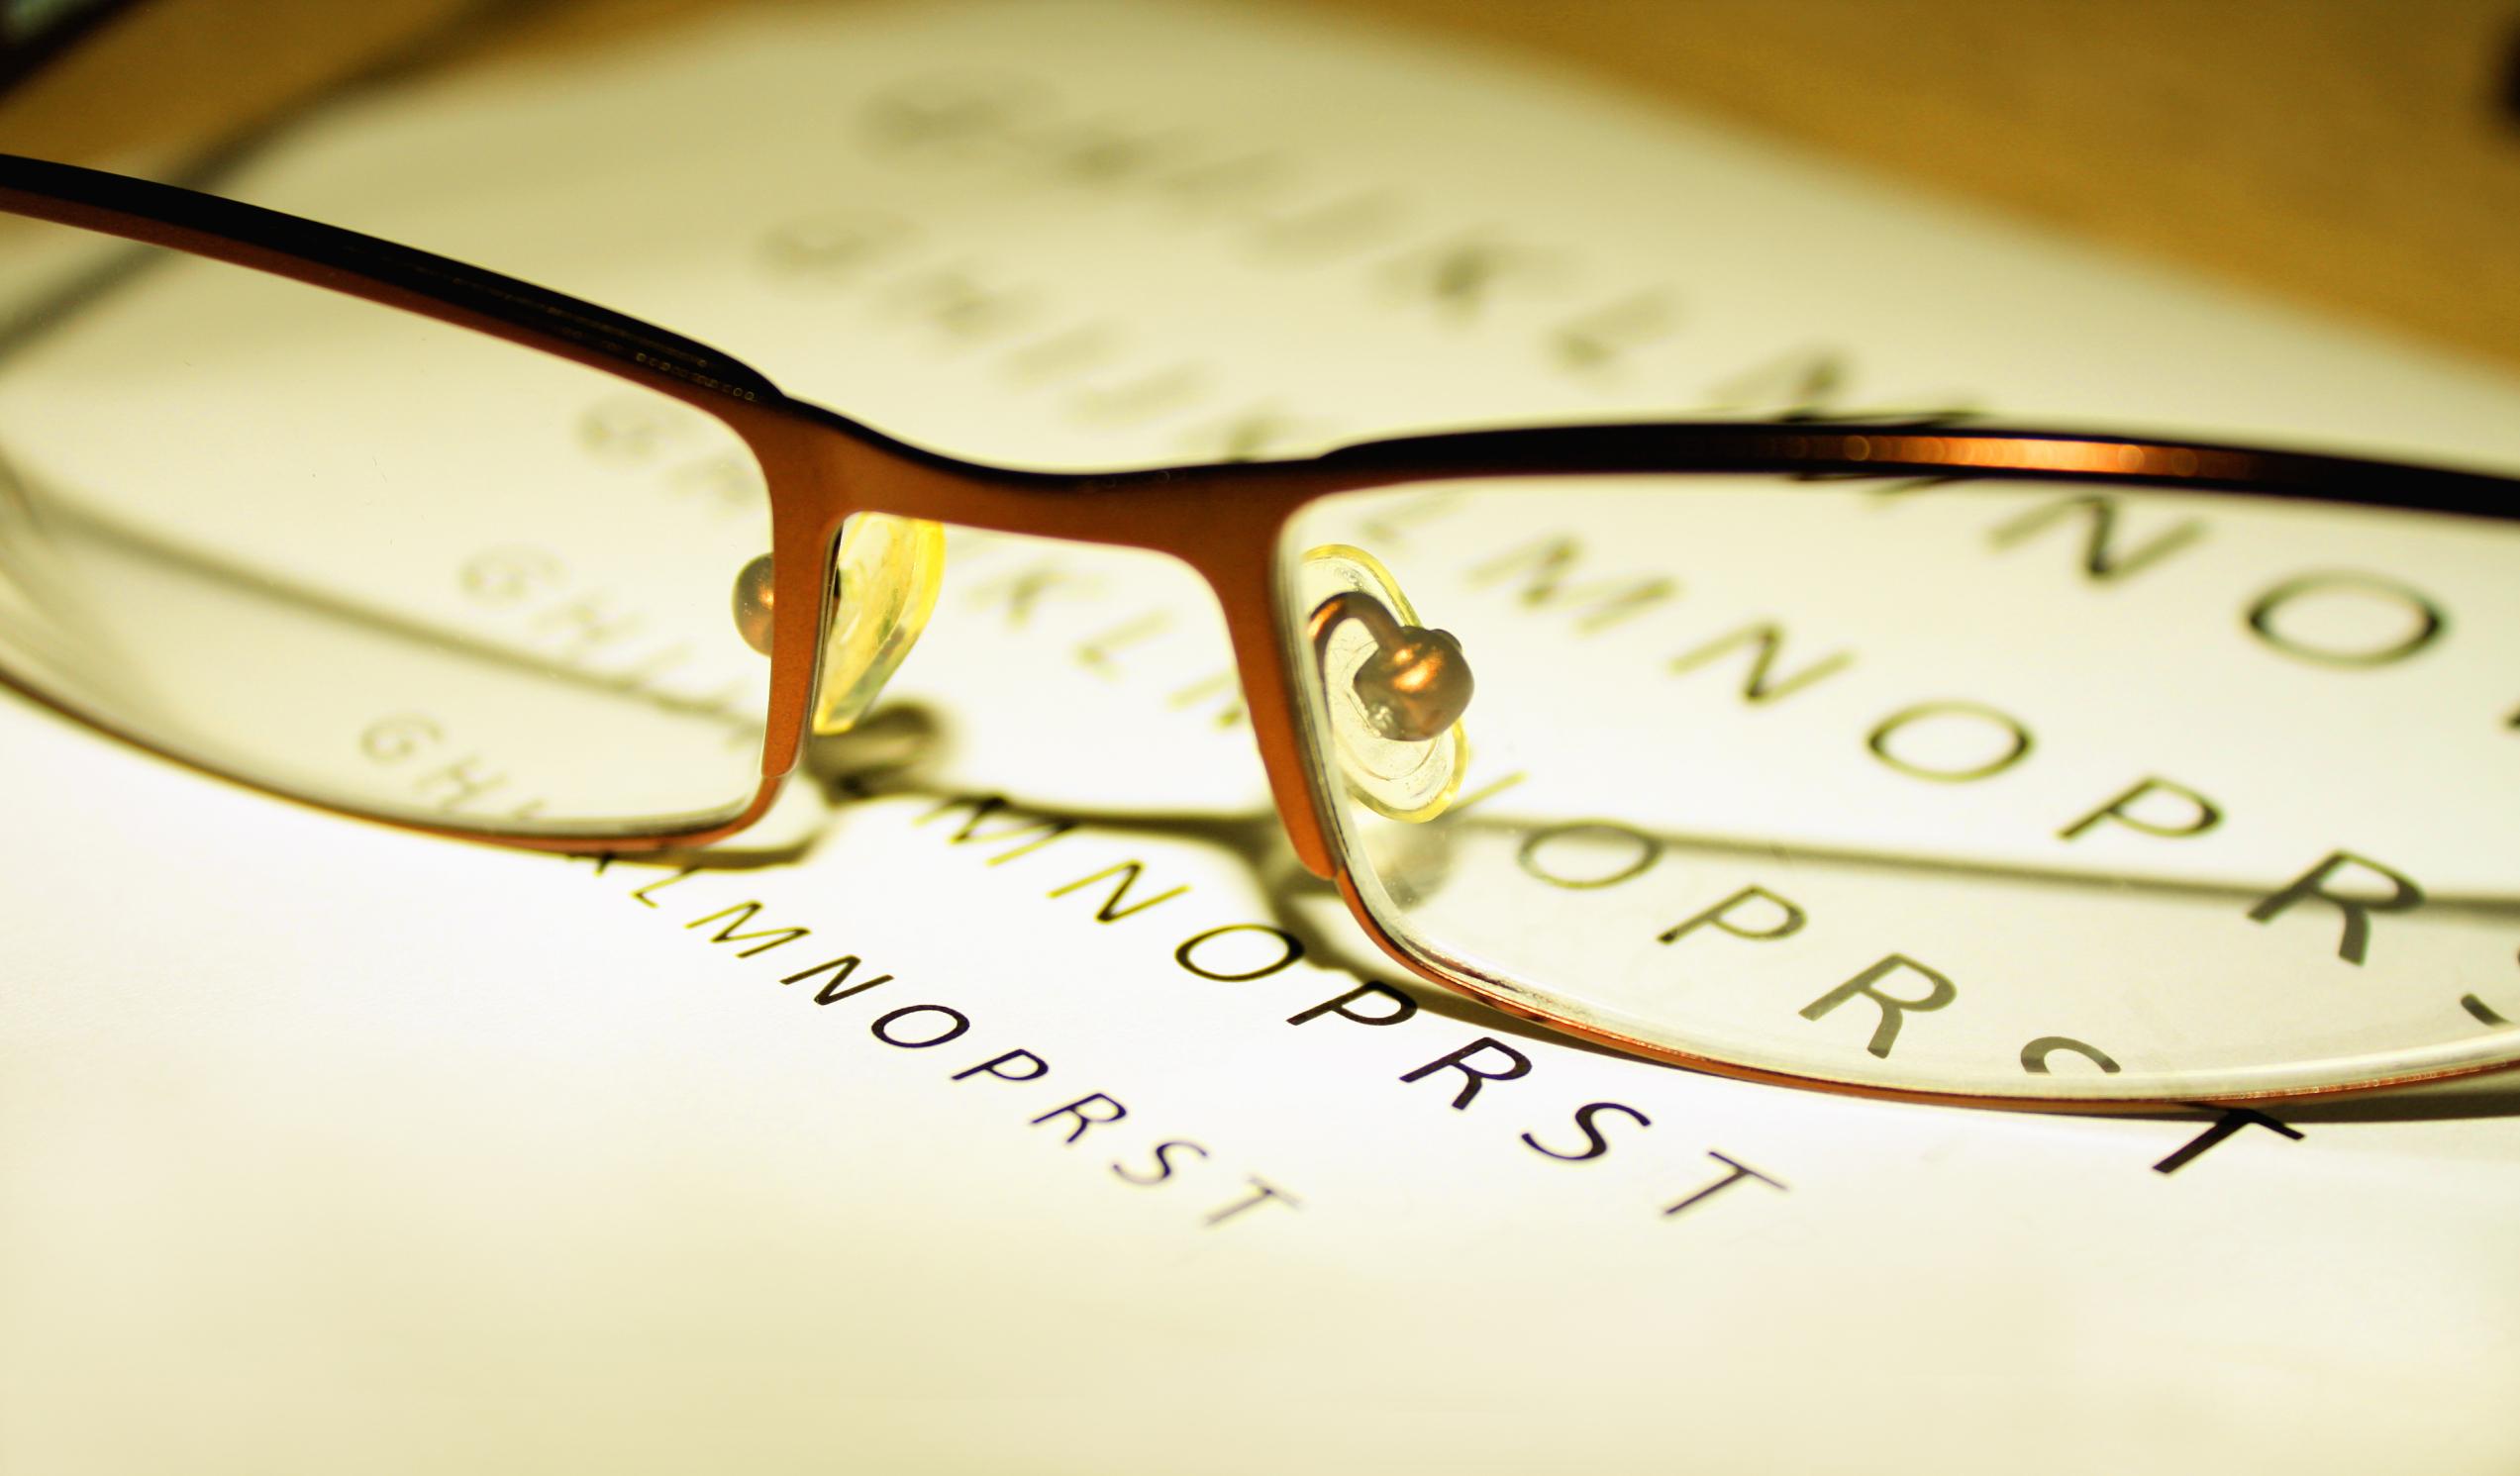 Port ochelari cu vedere bună)